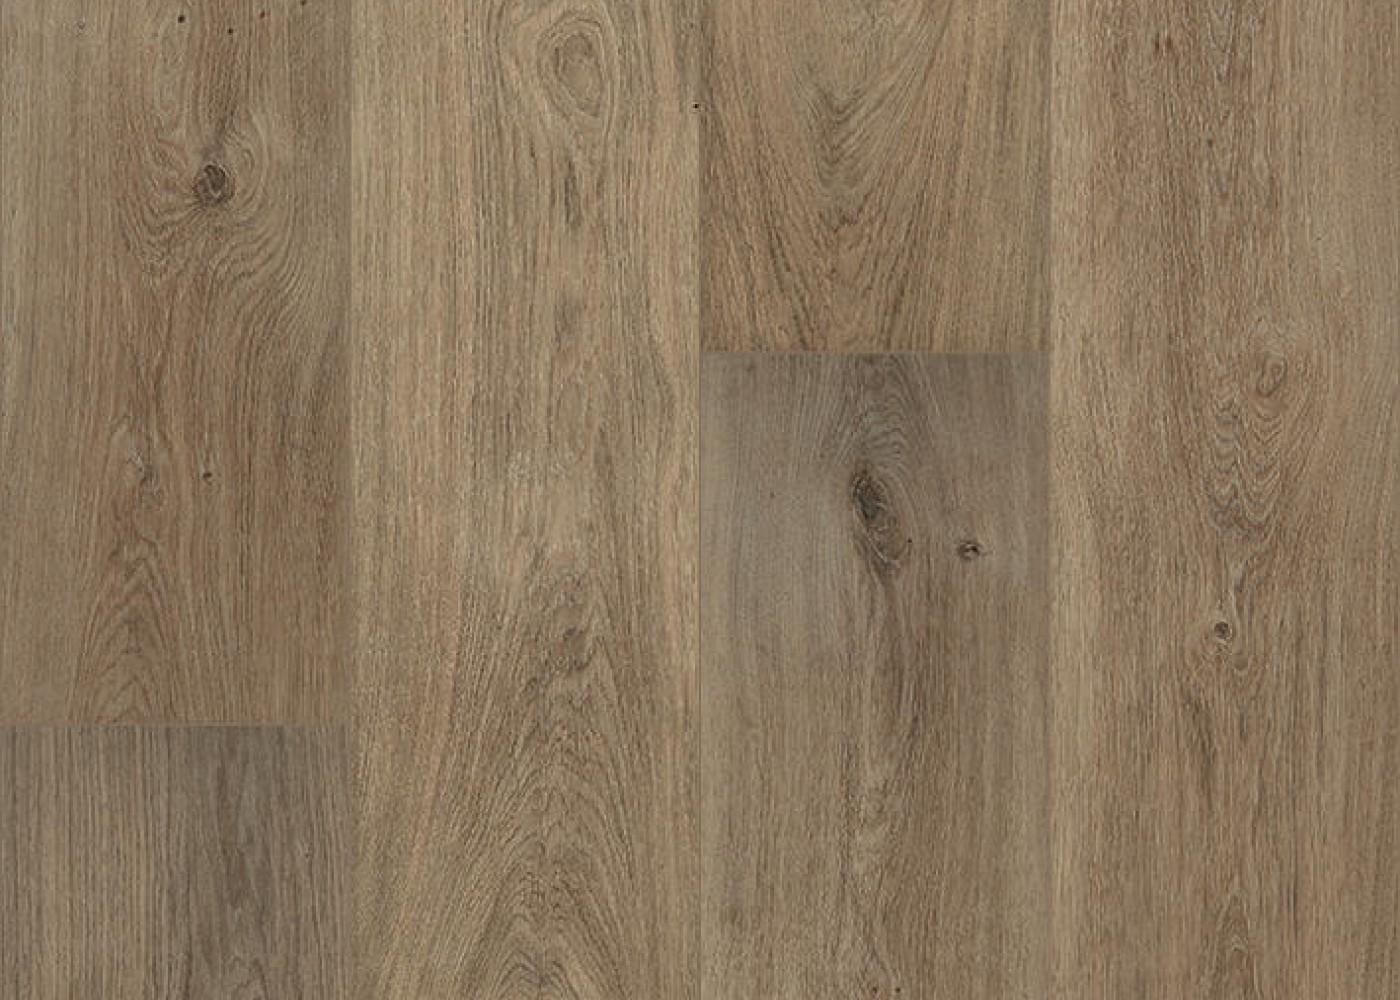 Vinyle rigide Chêne Cohiba passage commercial 4.5x225x1524